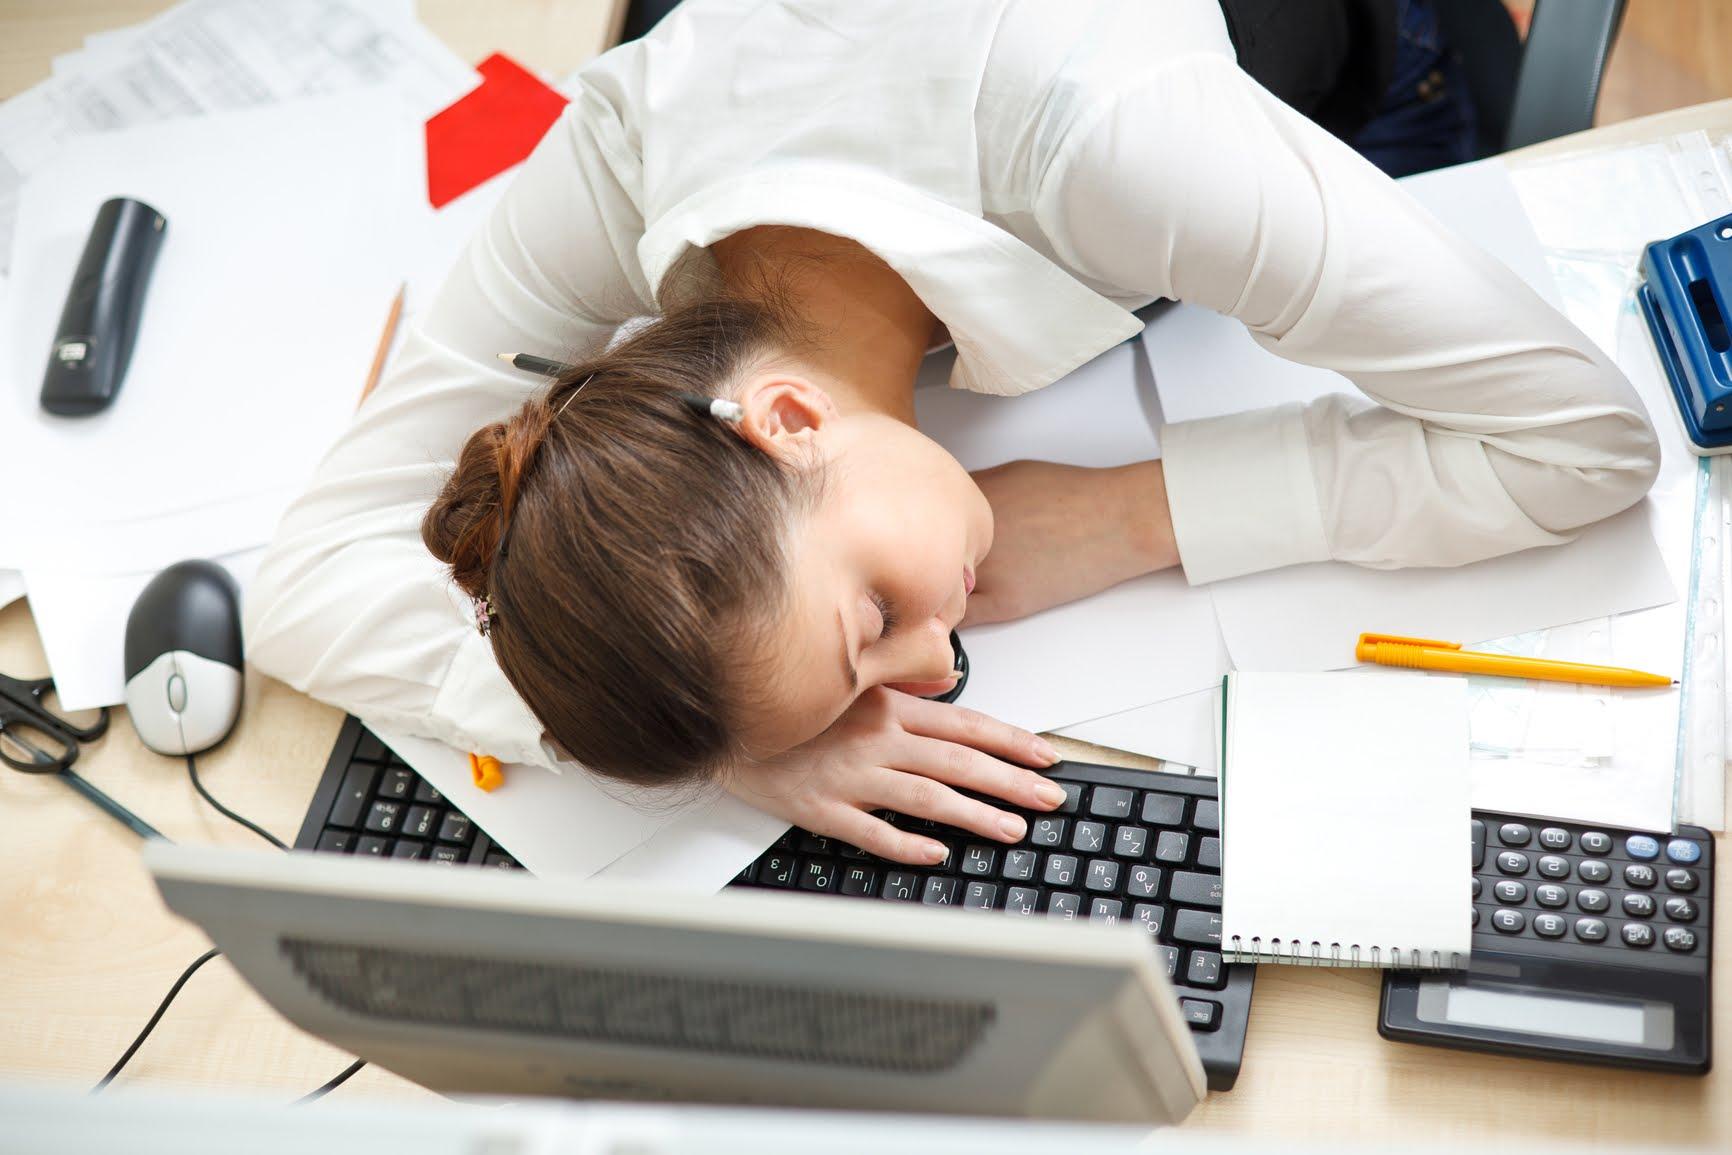 Открытка правильно организованная работа позволяет одному человеку не работать, открыток